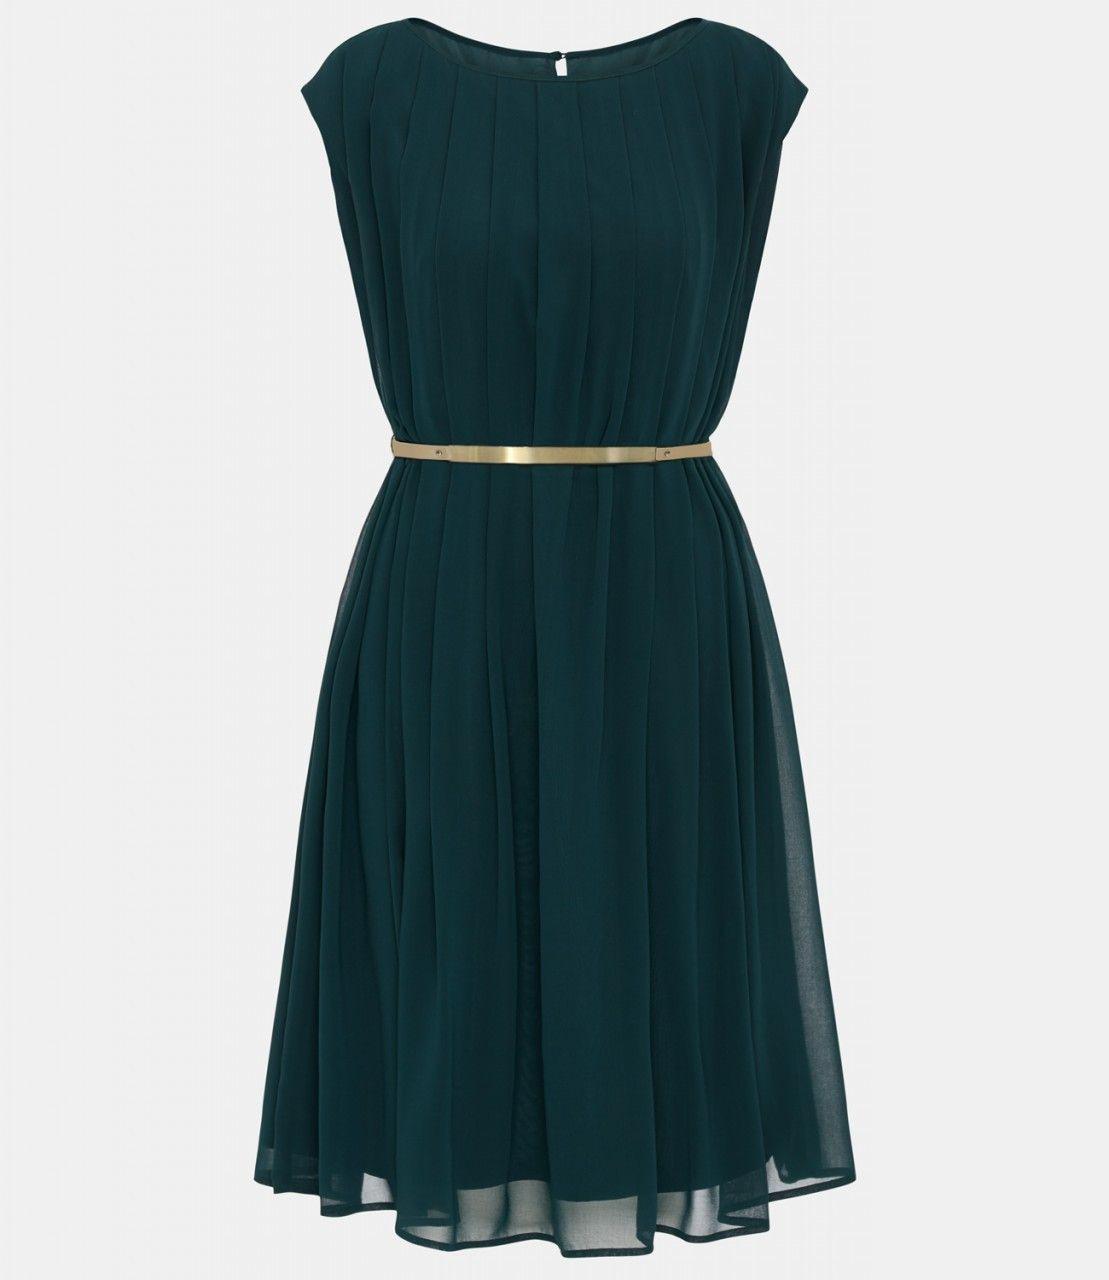 Formal Ausgezeichnet Abendkleid Tannengrün ÄrmelAbend Elegant Abendkleid Tannengrün Stylish